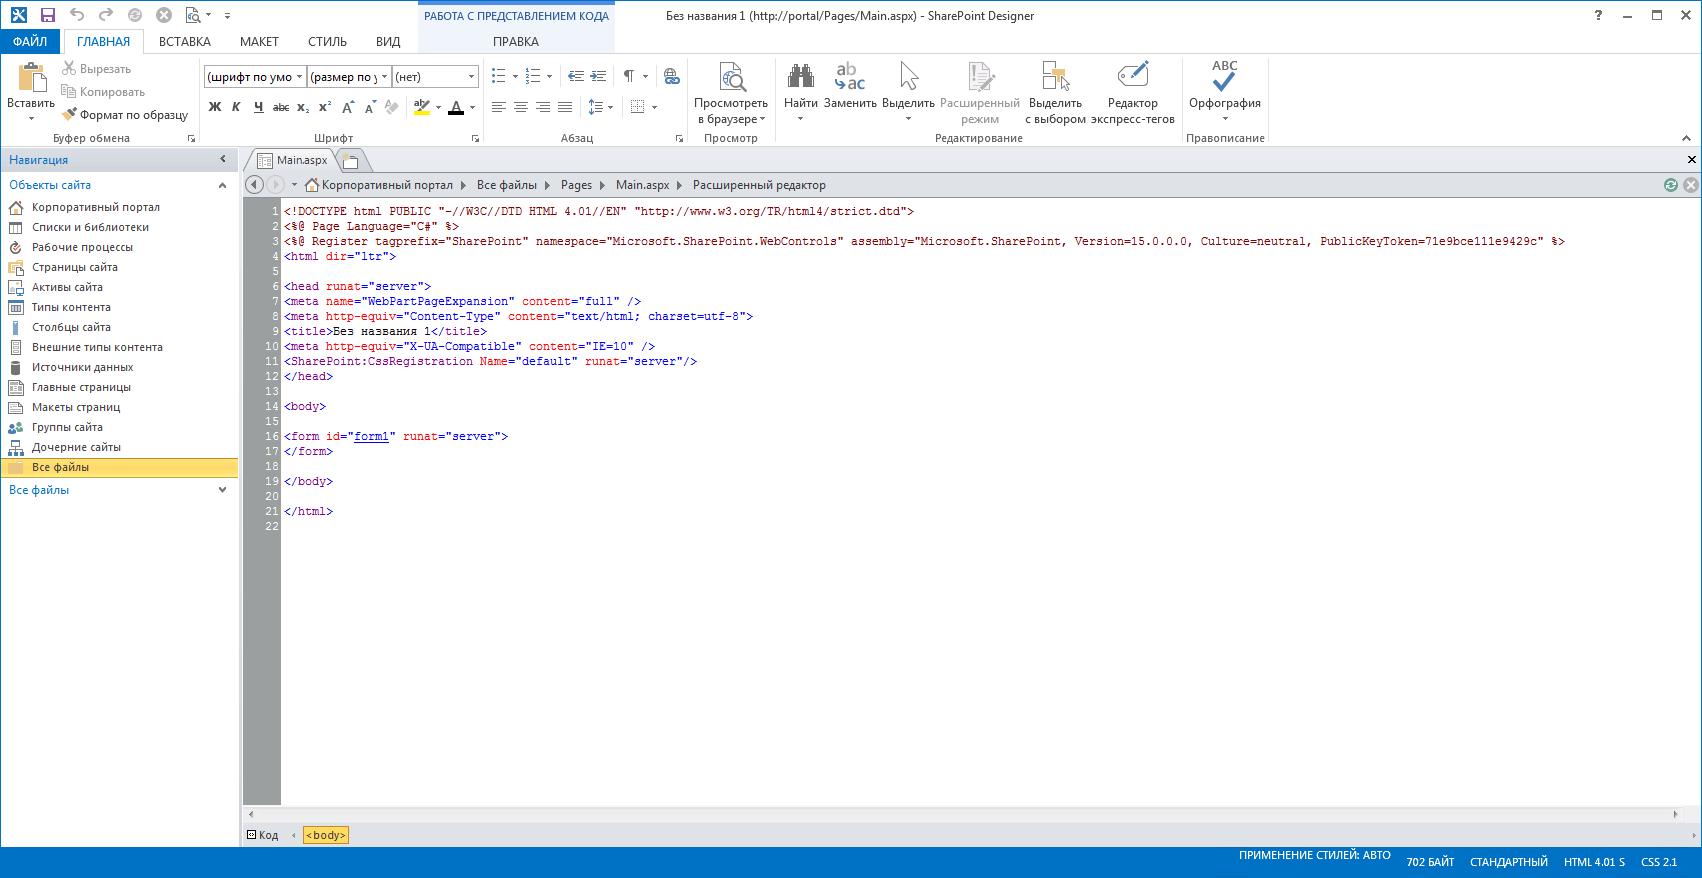 Создание страницы Main.aspx